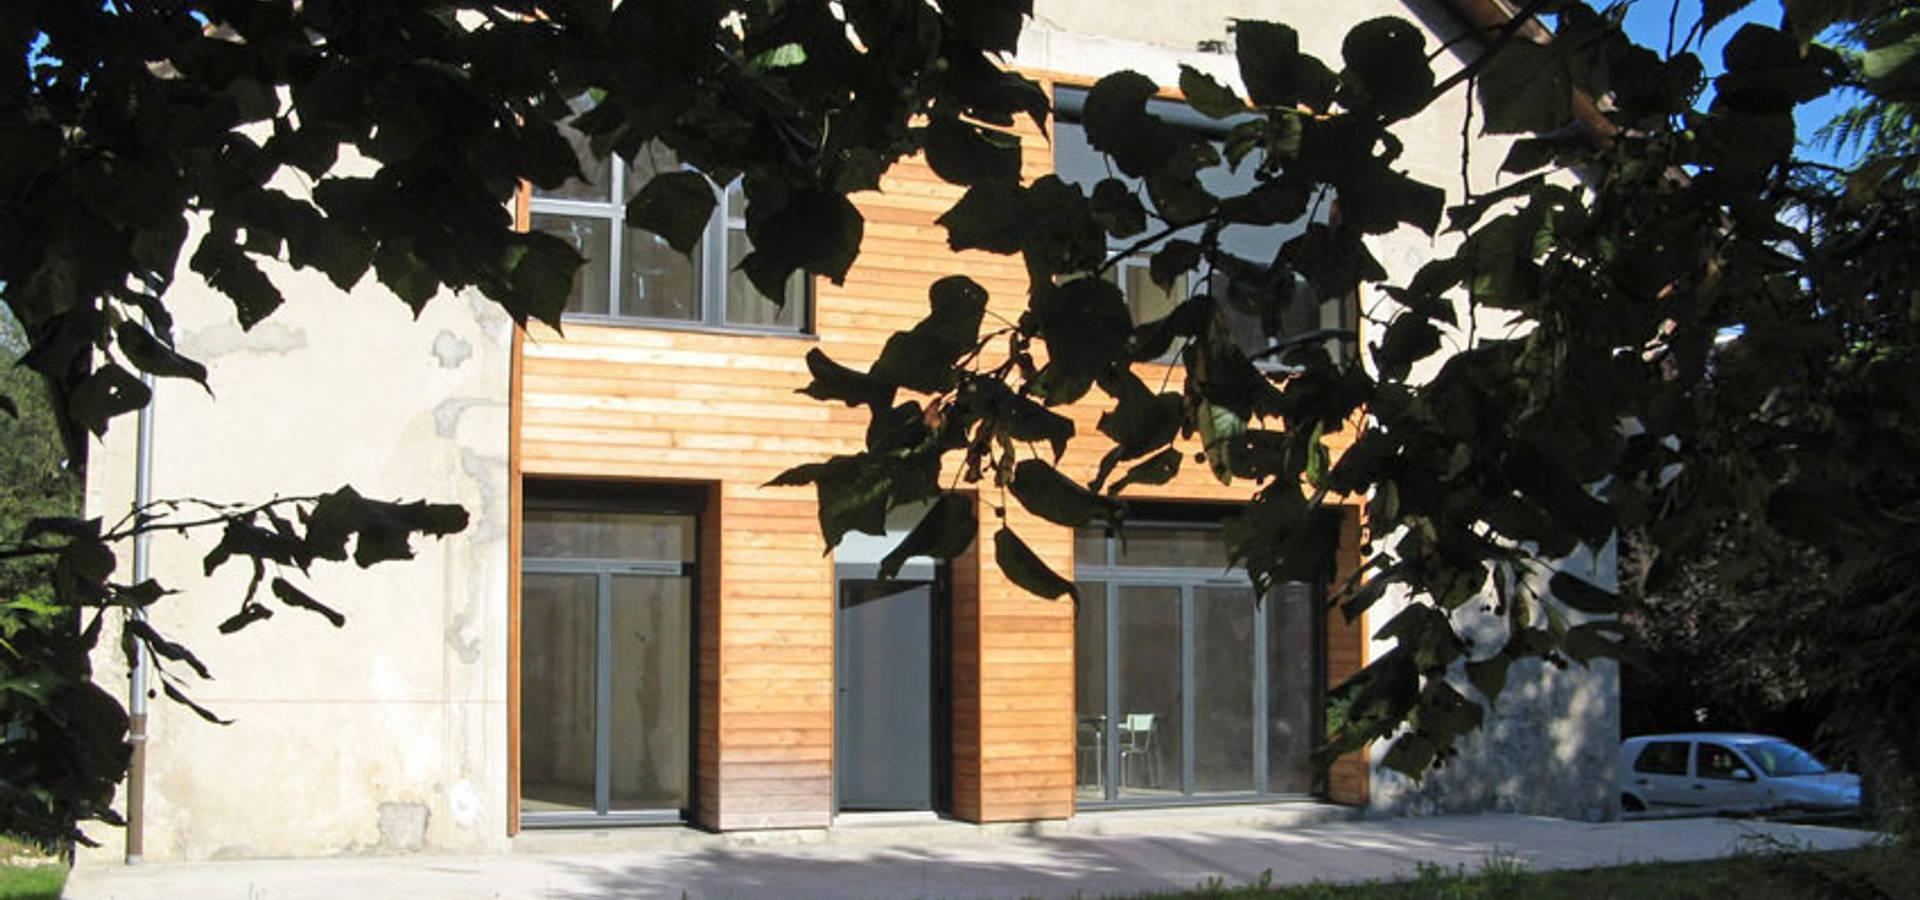 José villot architecte